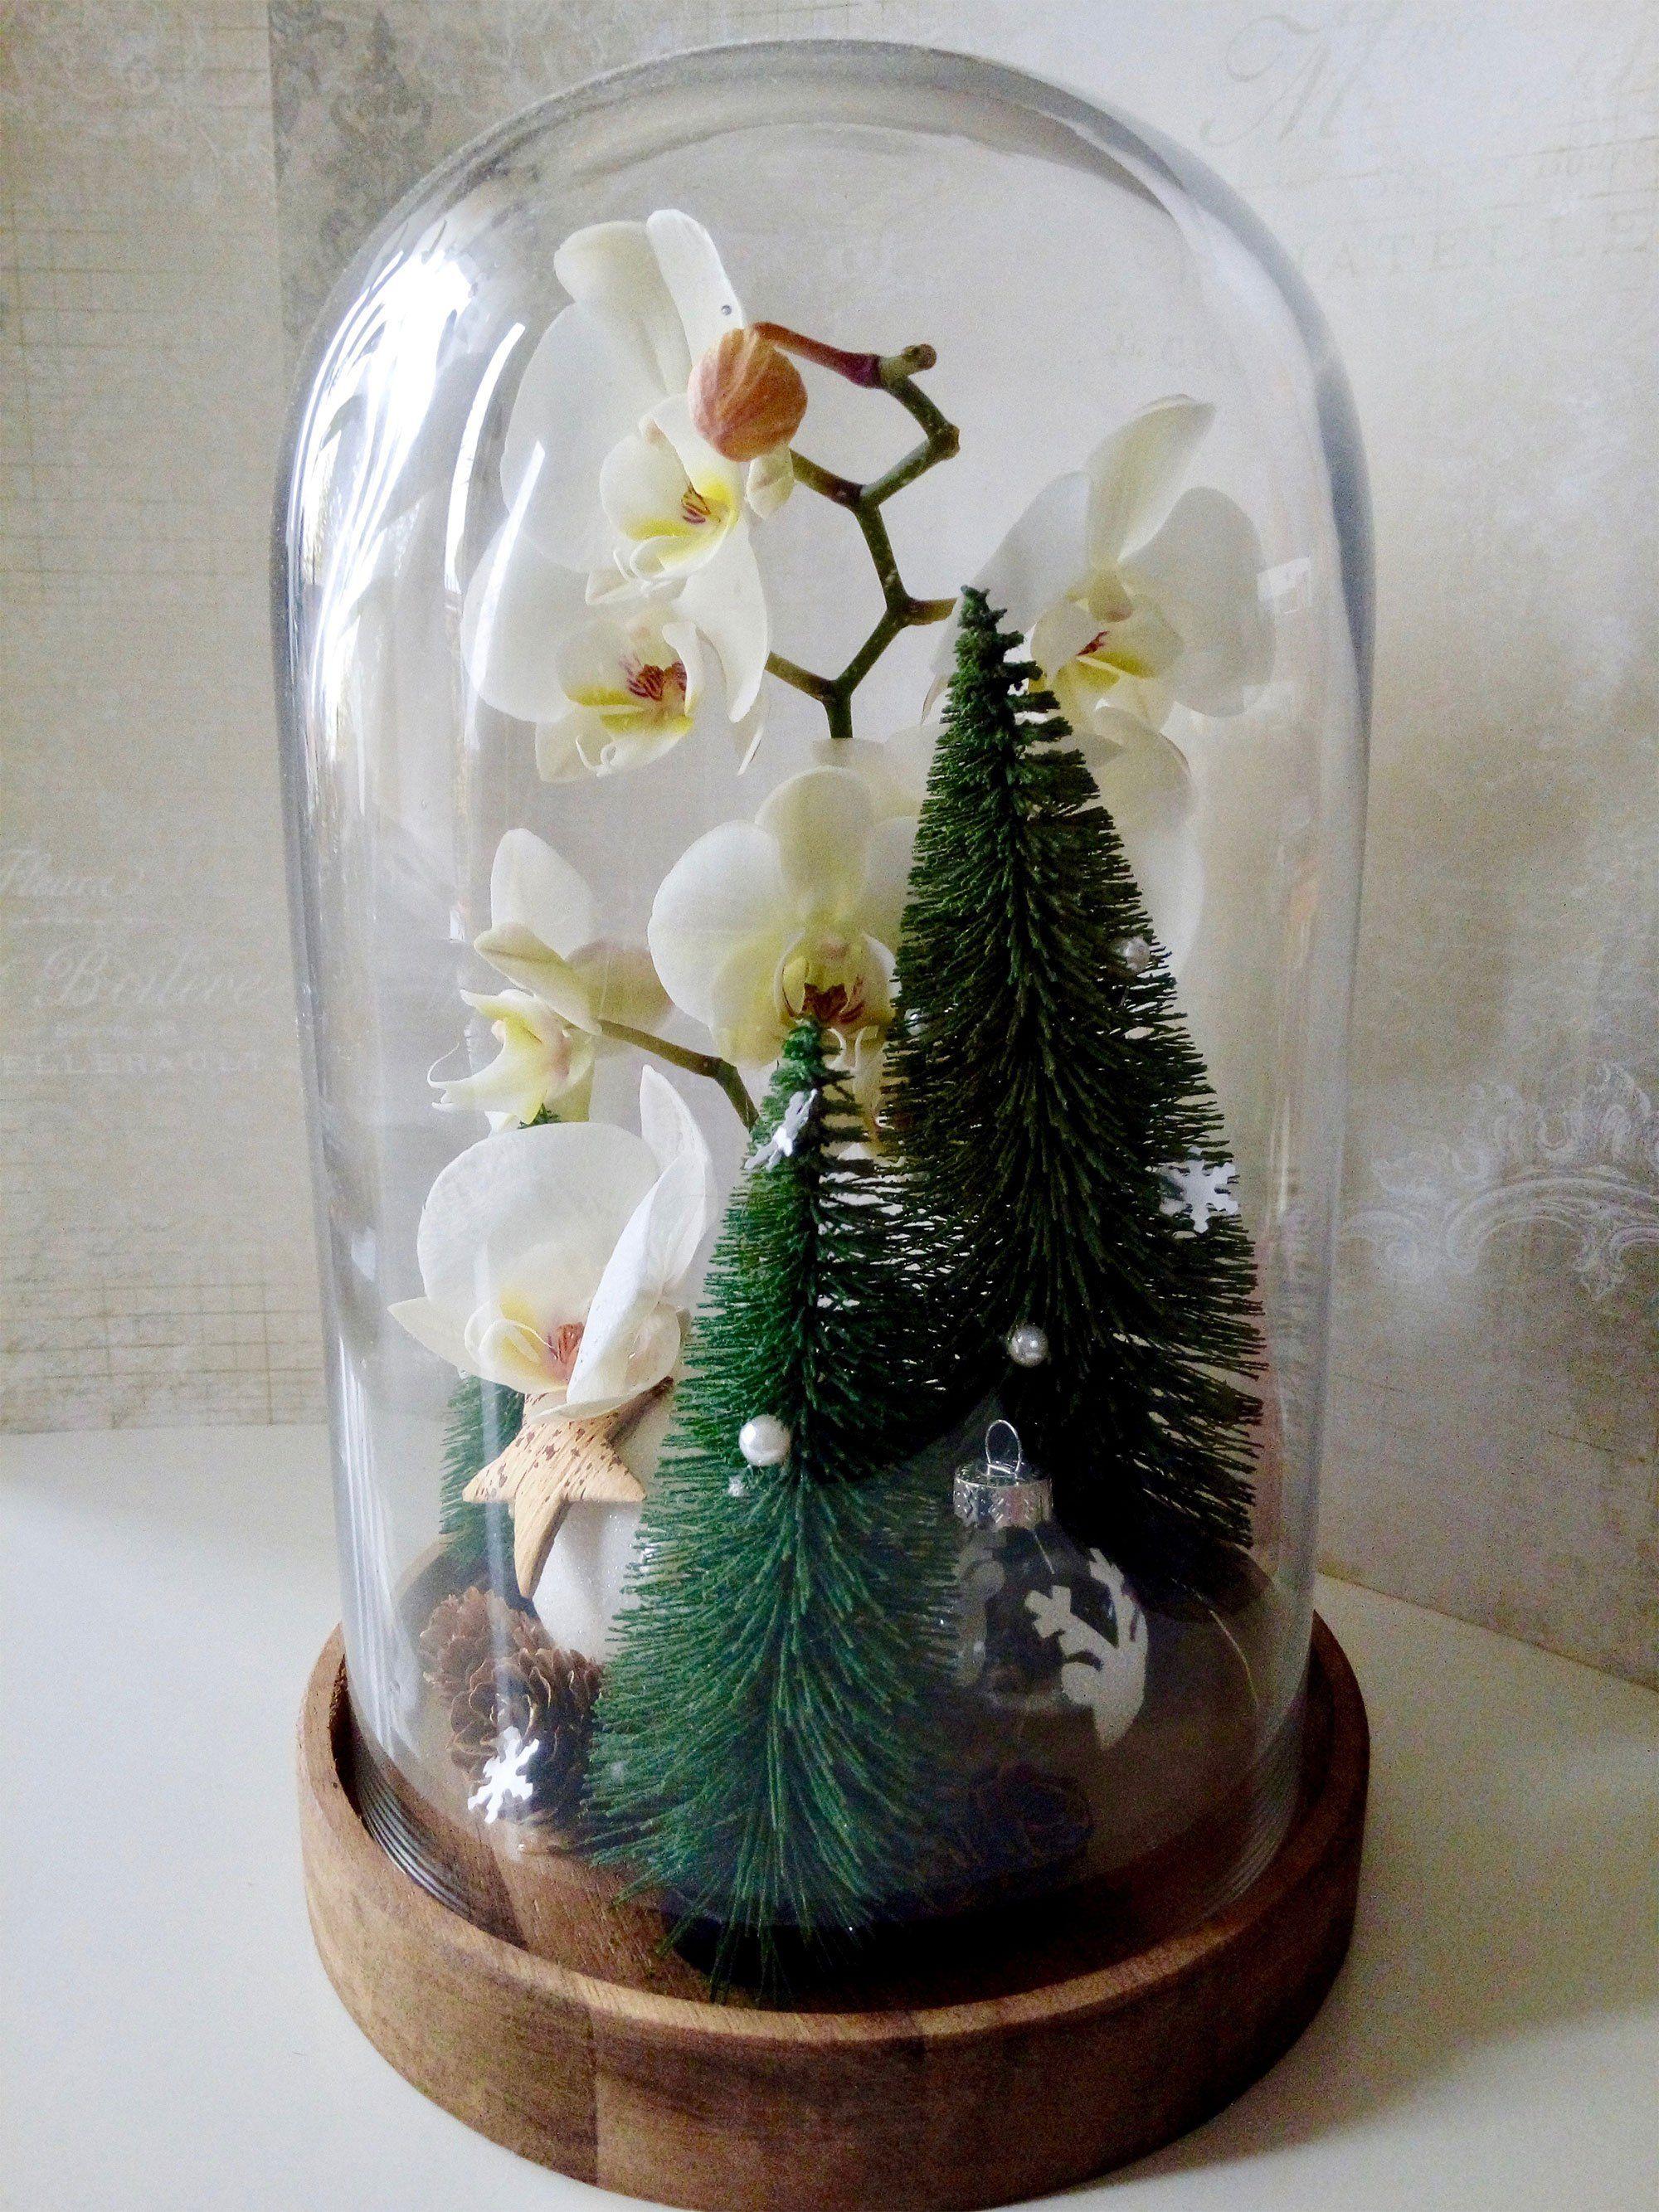 Trésor sous verre - Arborescence